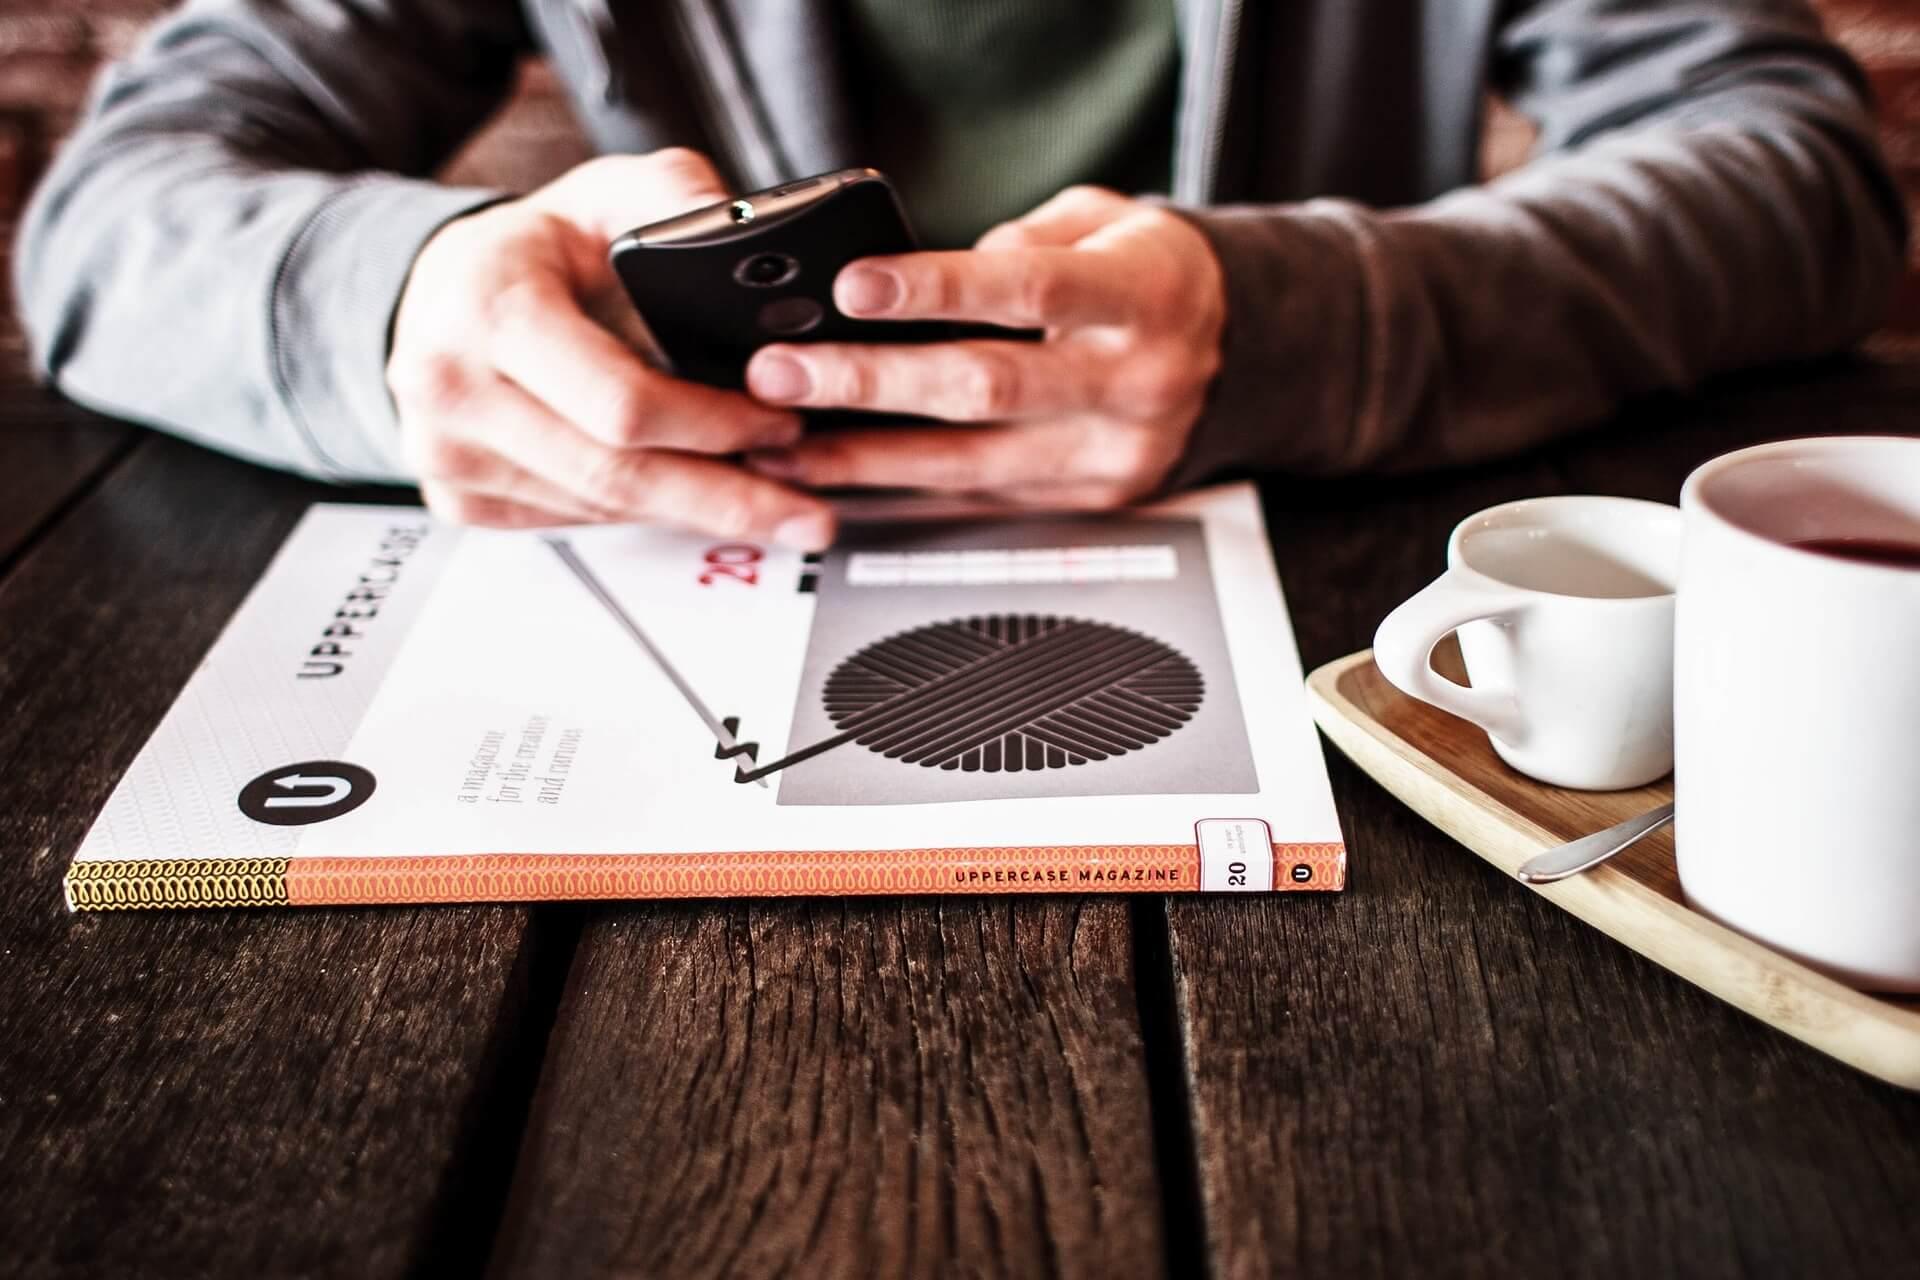 Derecho desconexion digital ambito laboral